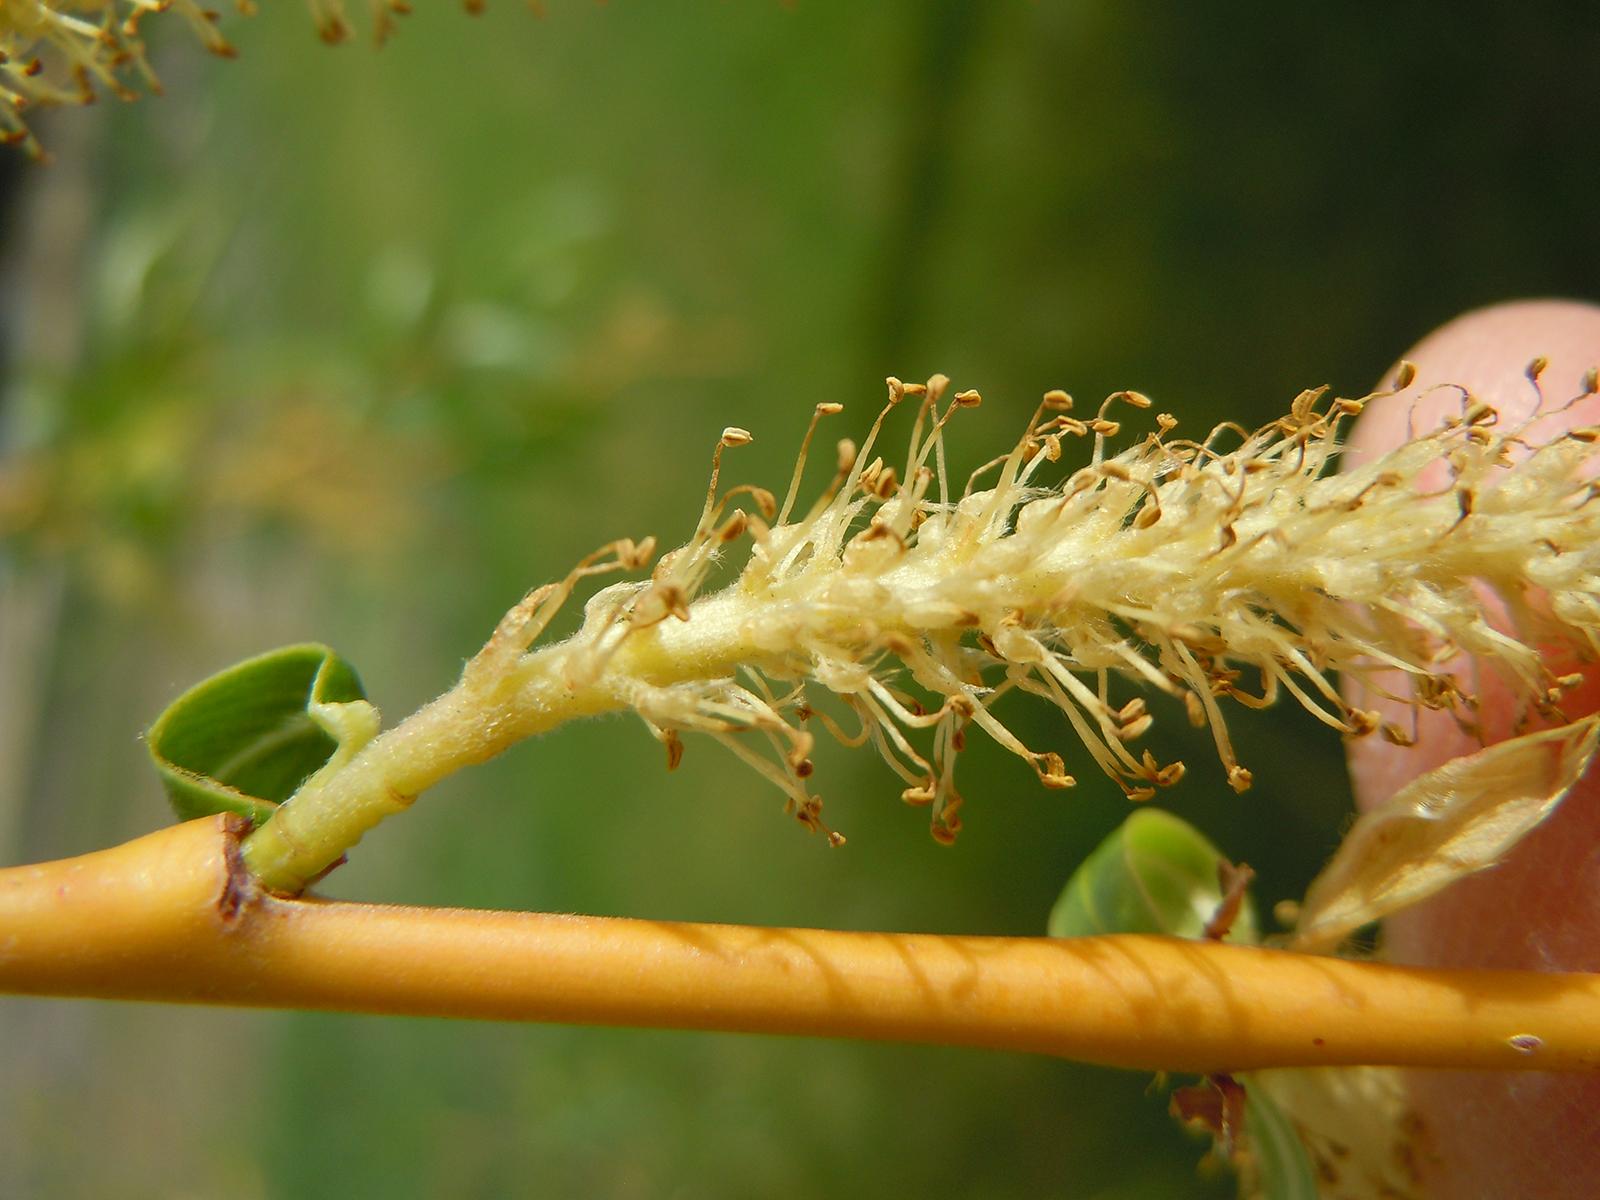 Saule fragile, fleur mâle en fin de floraison. Crédits : Matt Lavin - Flickr